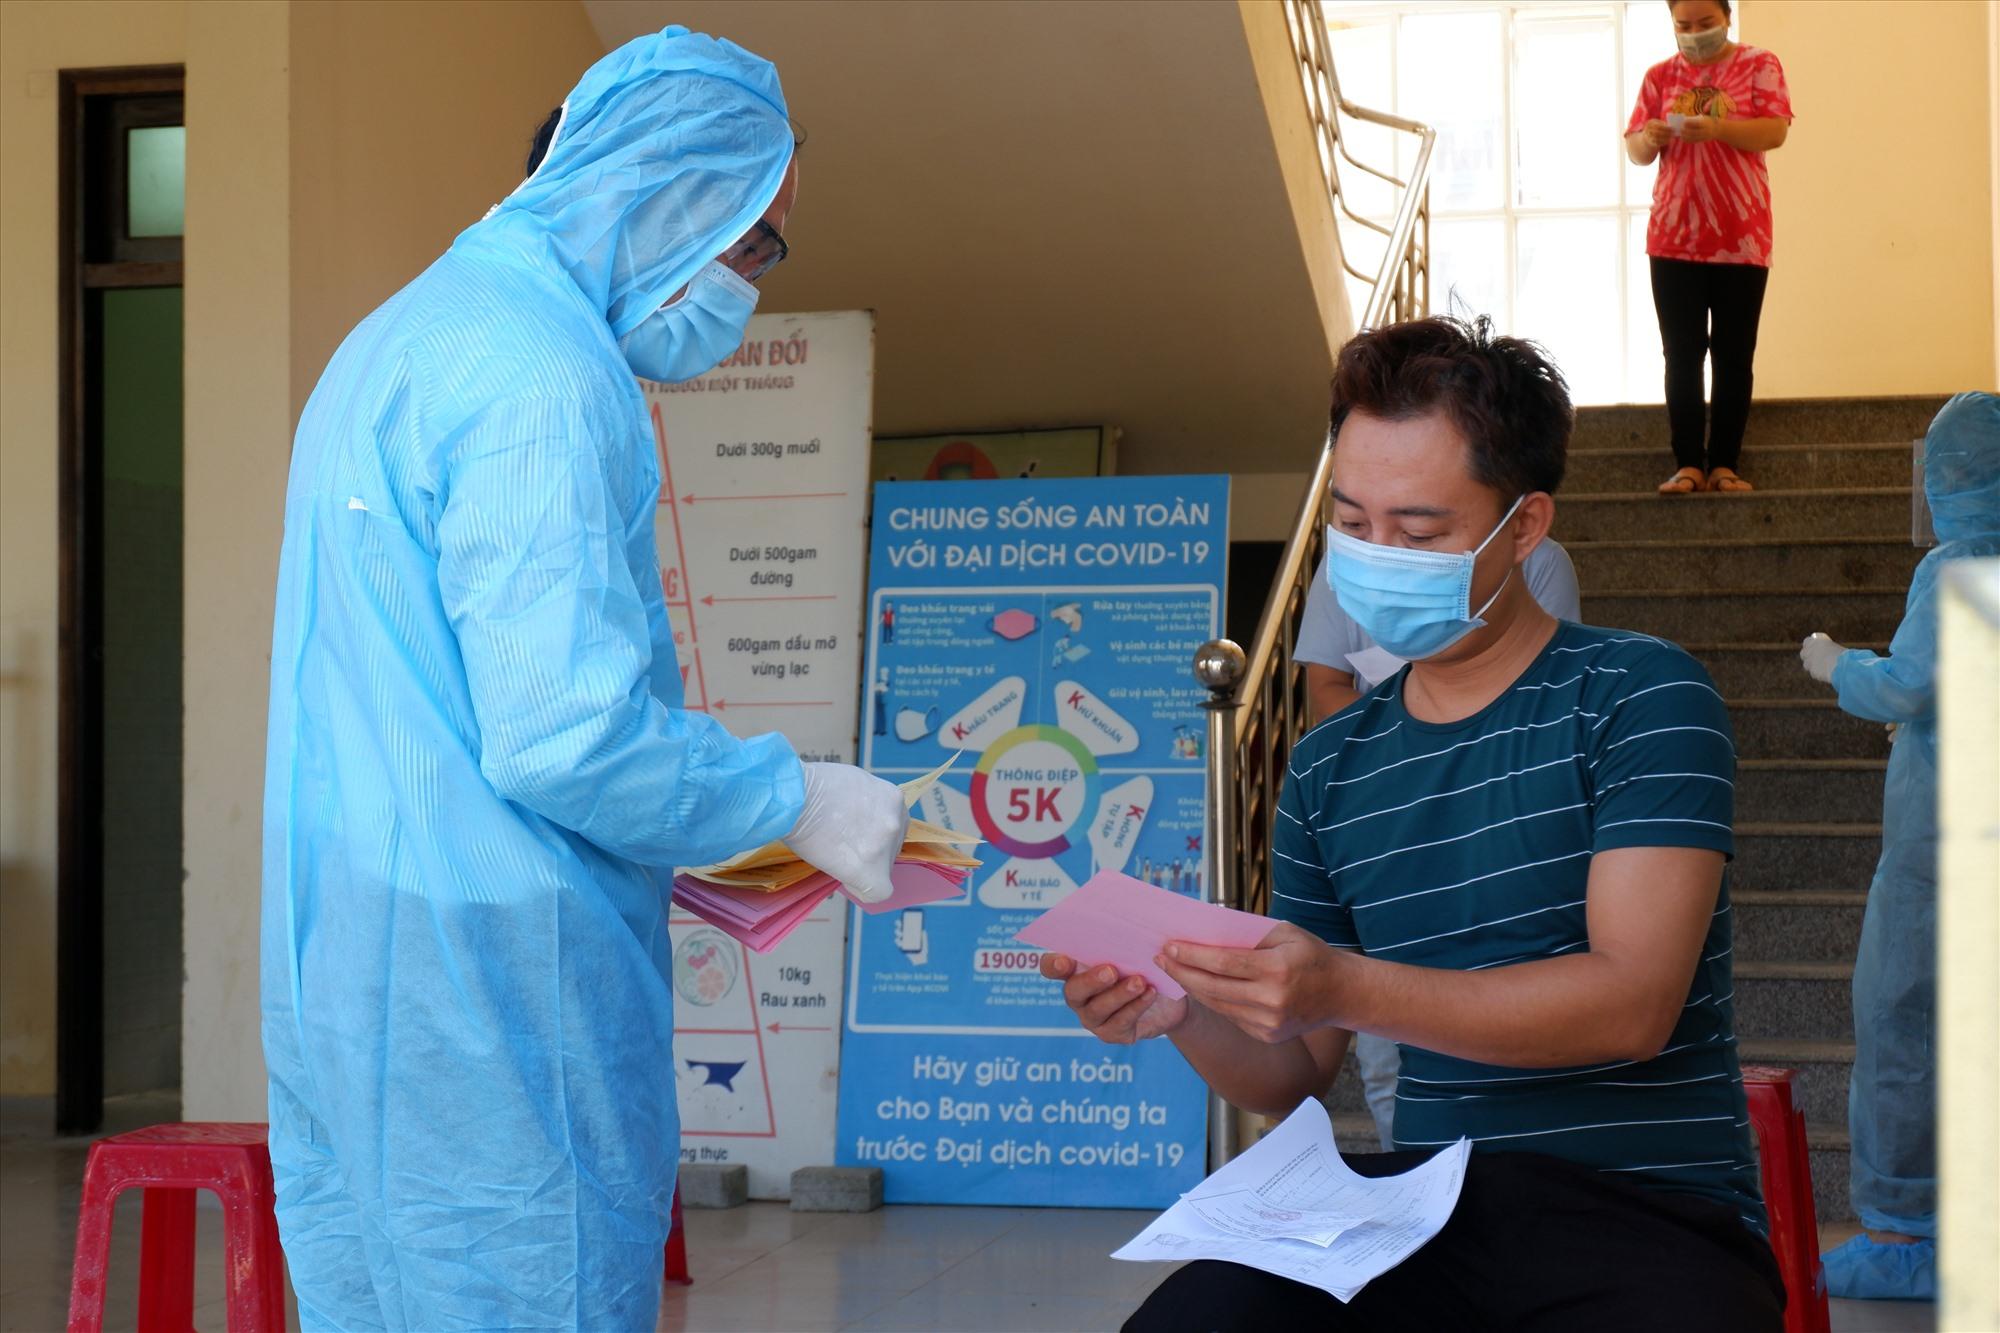 Đảm bảo năng lực tại các khu cách ly tập trung để đón người từ TP.Hồ Chí Minh về Quảng Nam. Ảnh: X.H